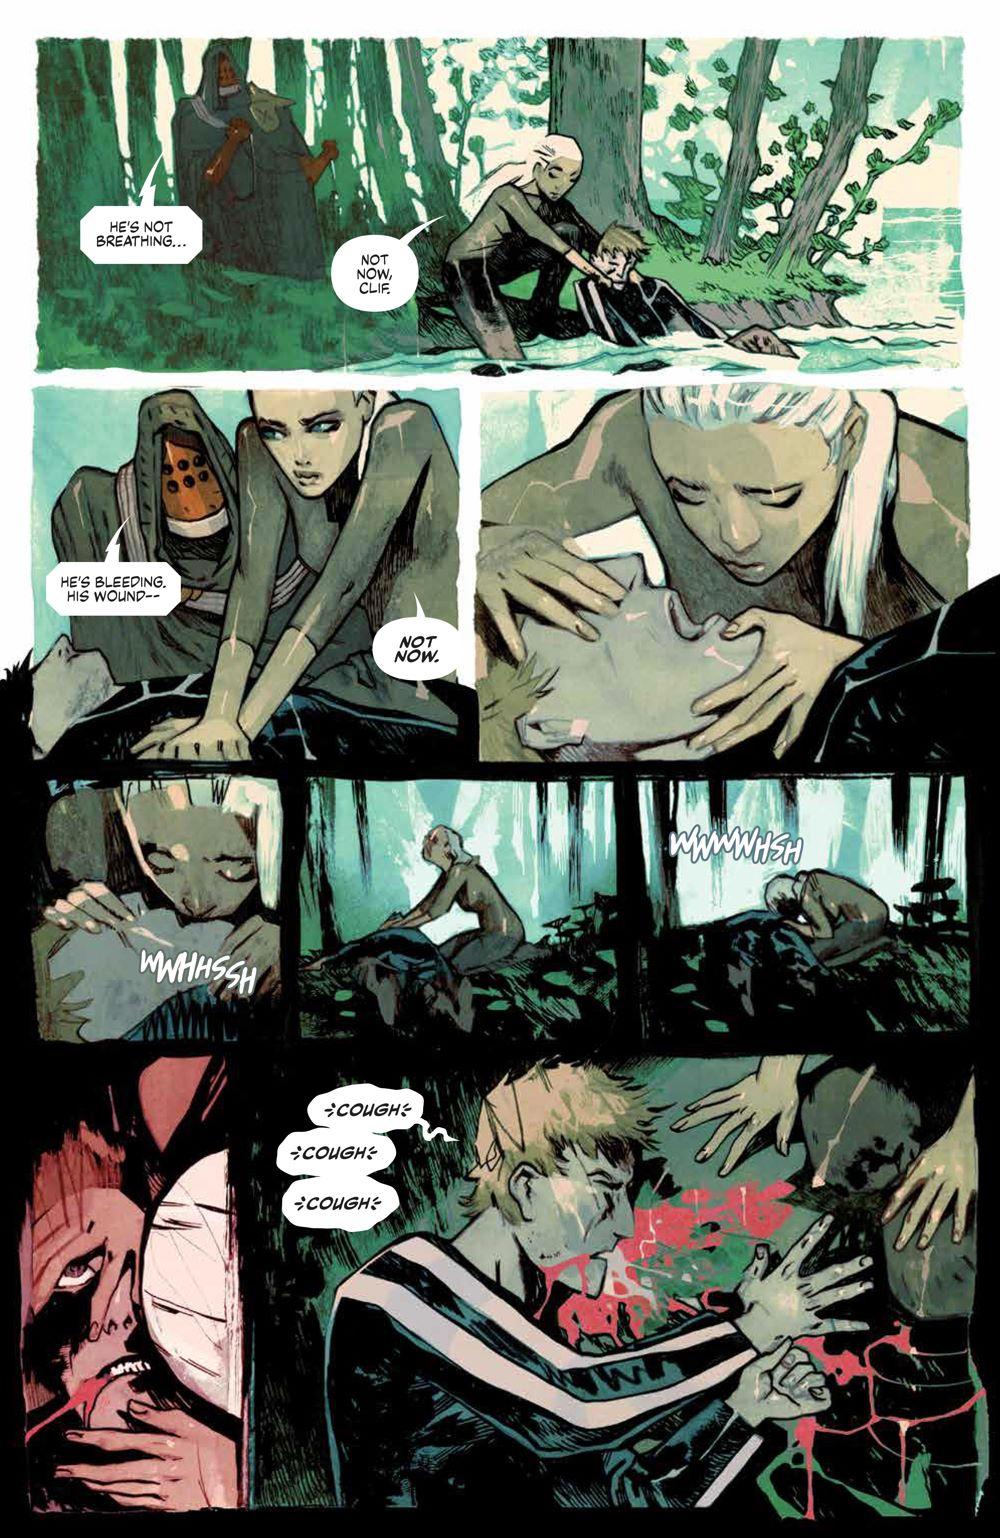 Origins_003_PRESS_7 ComicList Previews: ORIGINS #3 (OF 6)